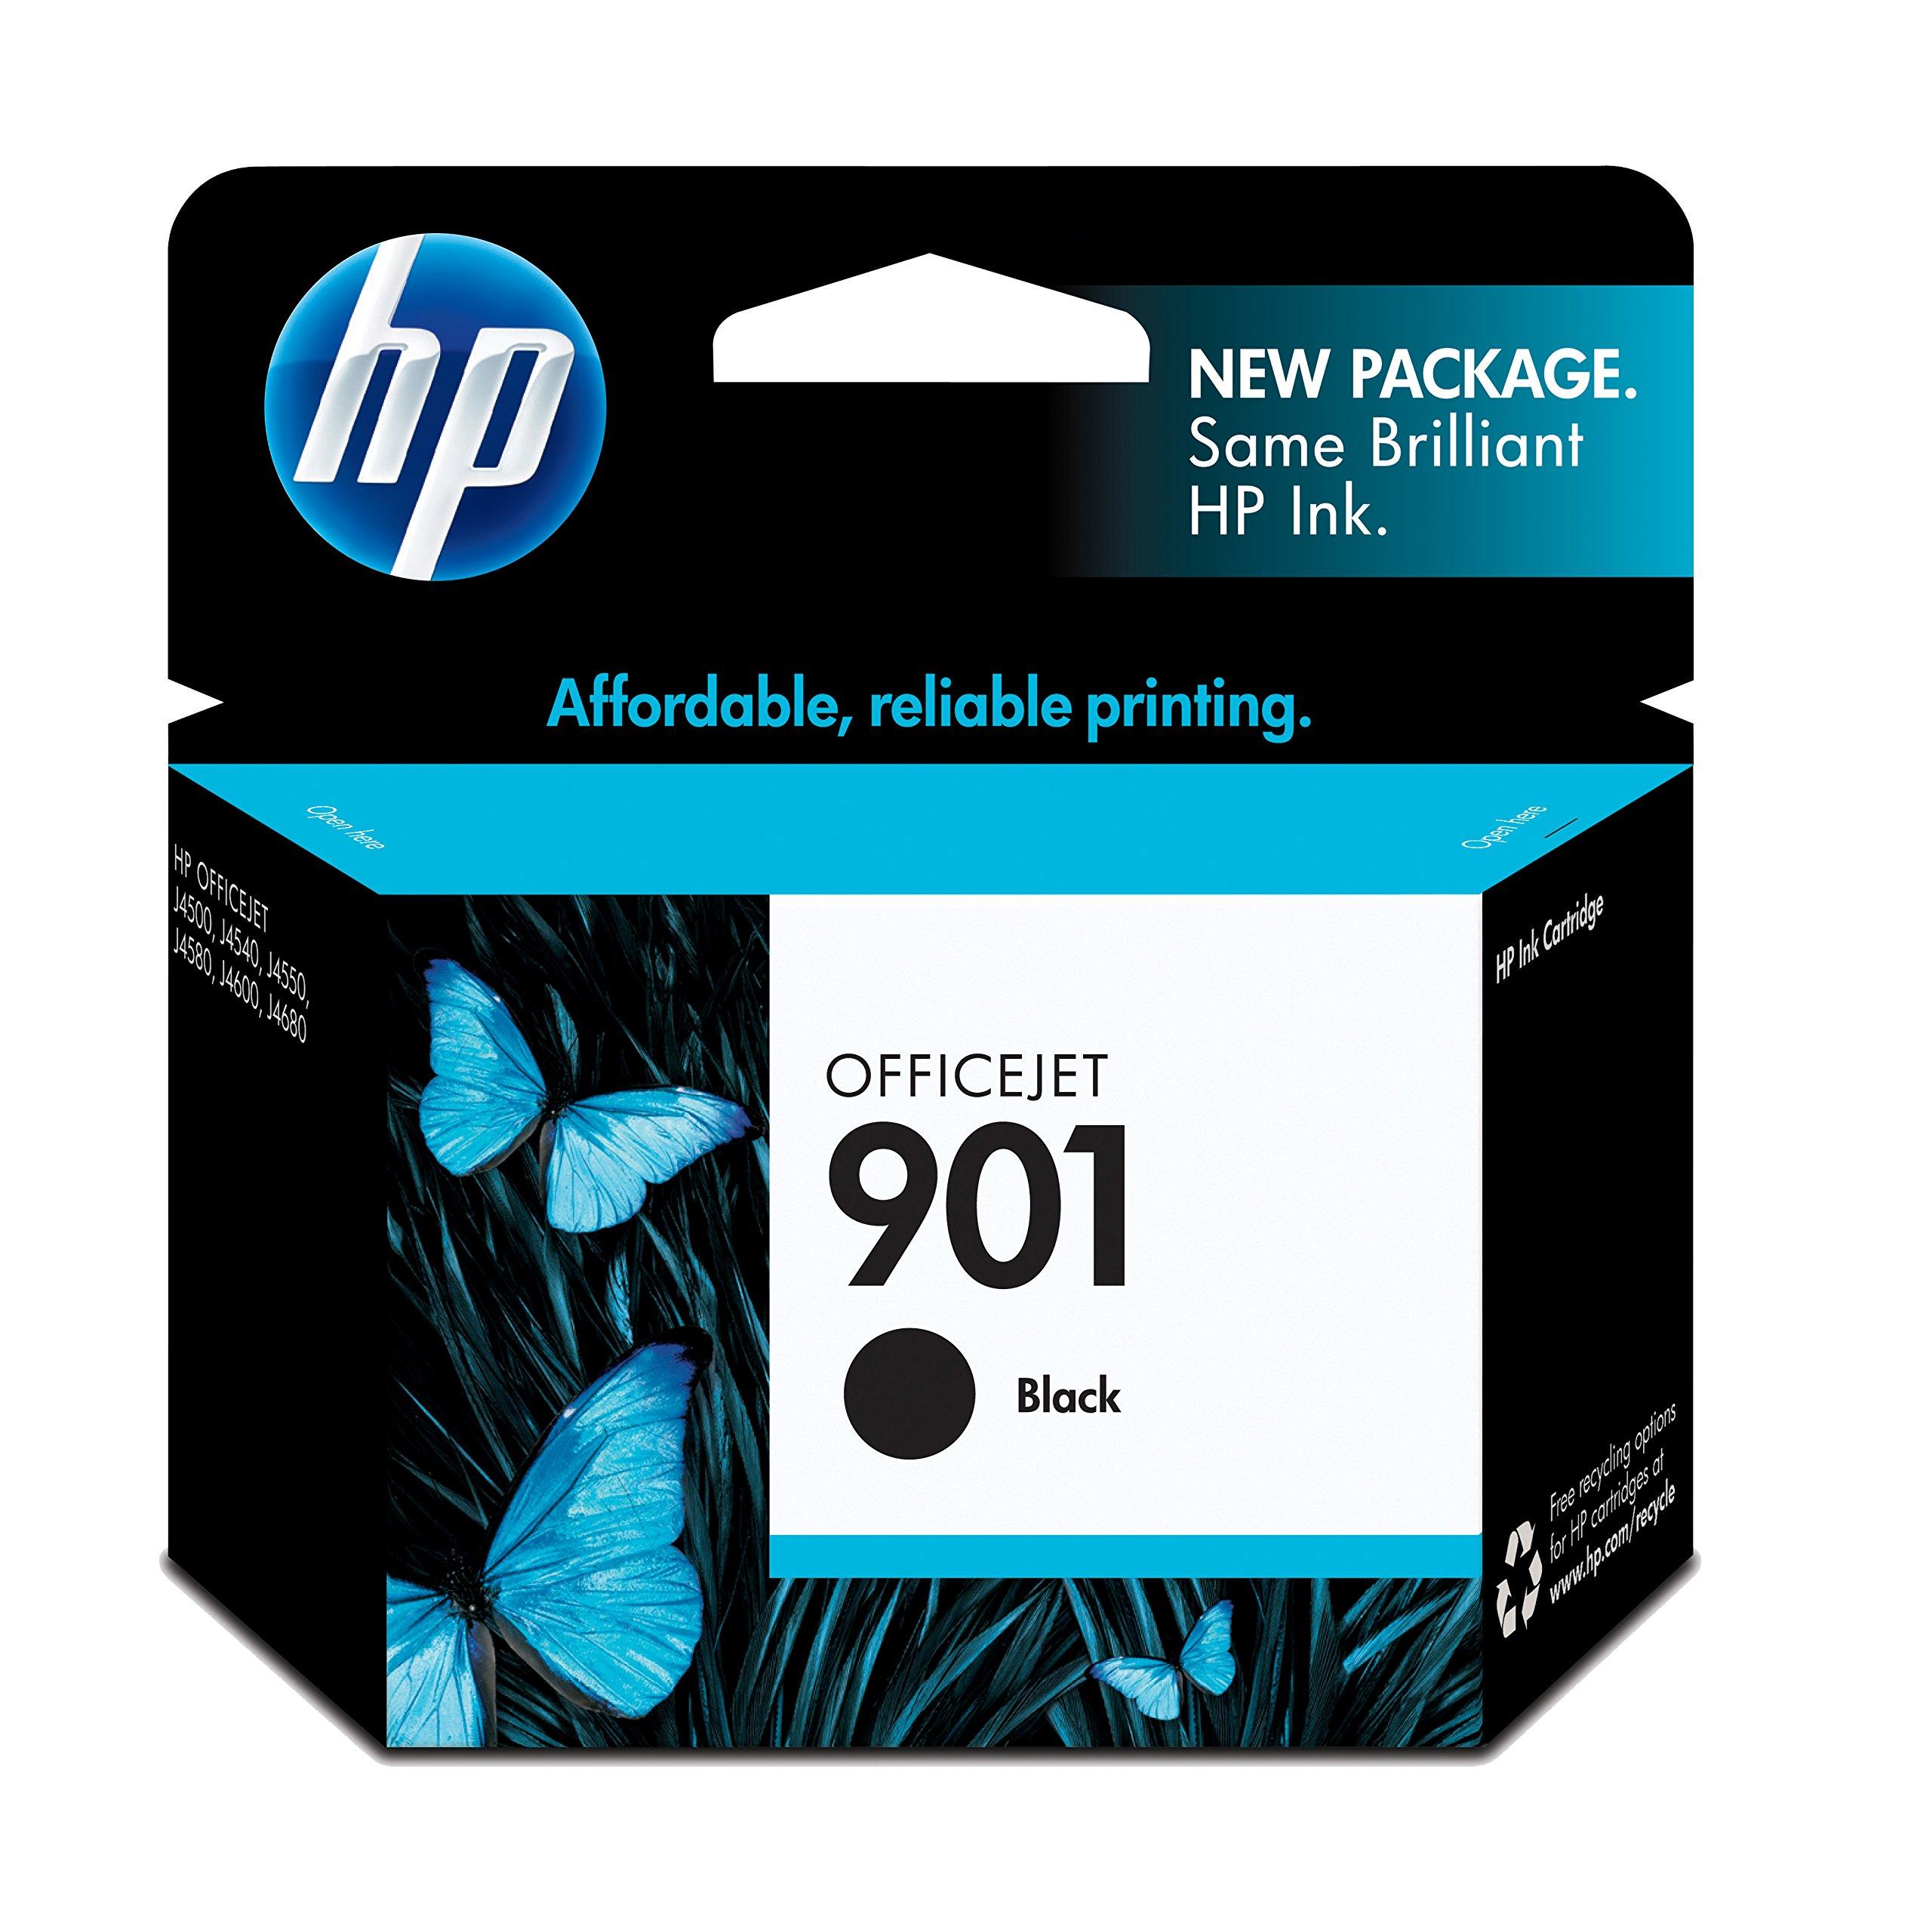 HP 901 Black Original Ink Cartridge (CC653AN) for HP Officejet 4500 J4540 J4550 J4580 J4680